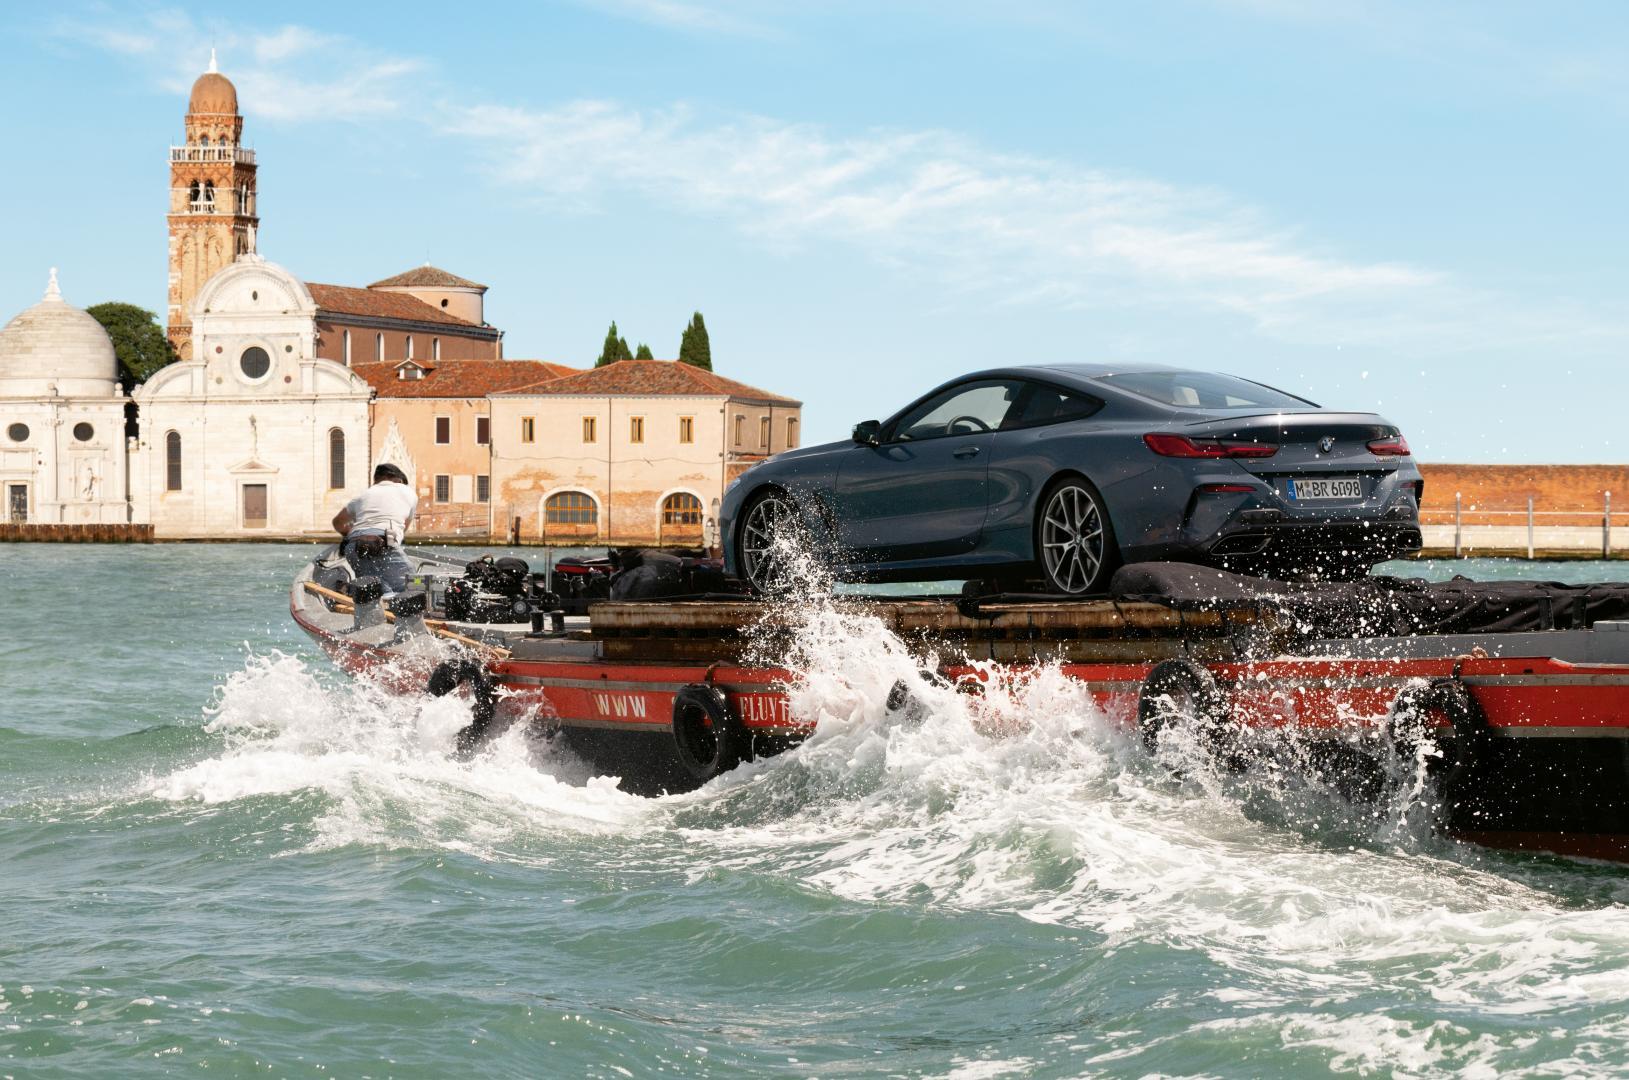 BMW 850i doet Venetië